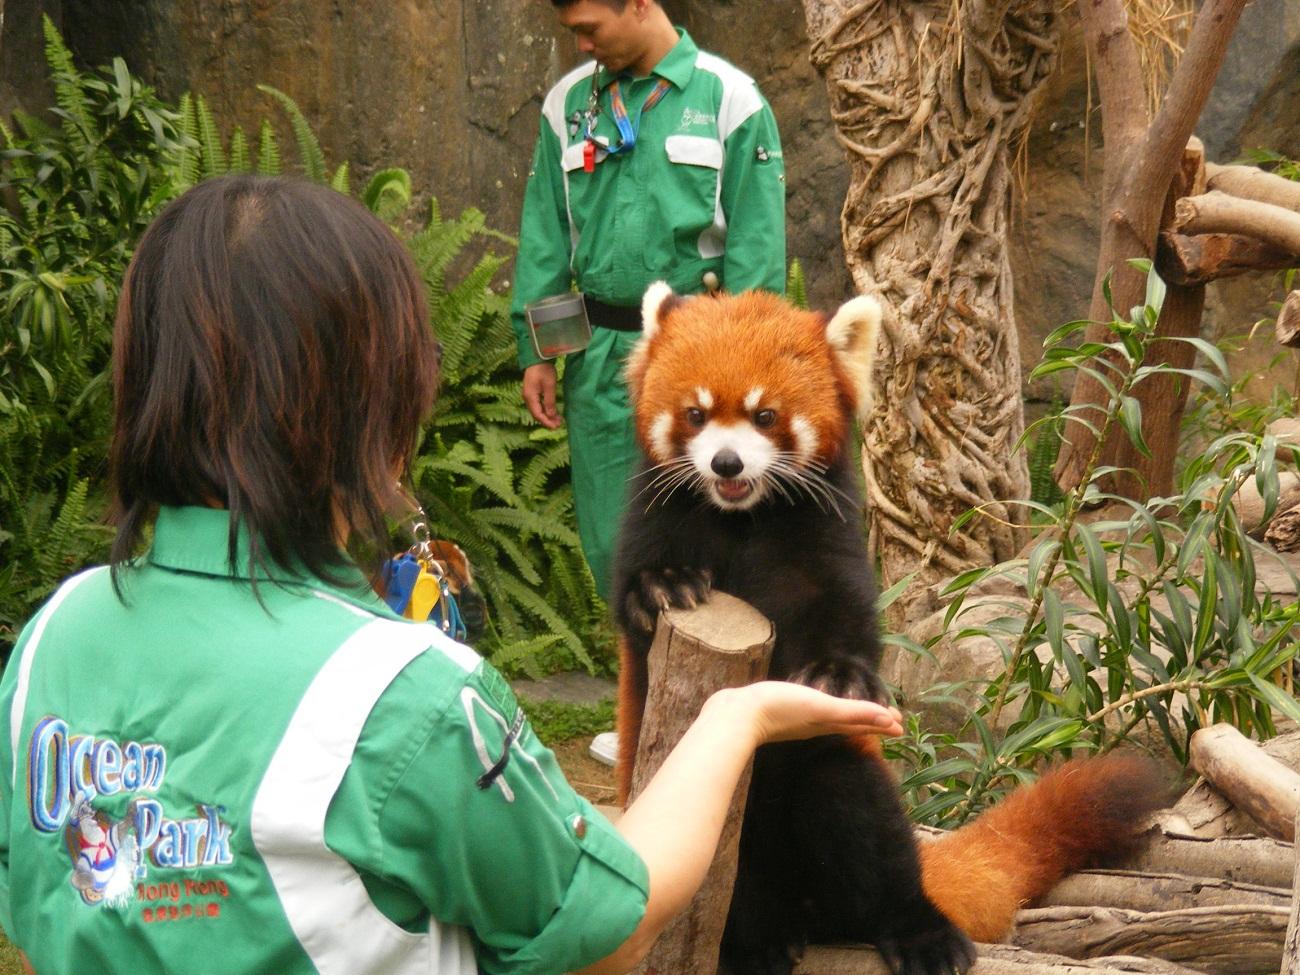 Red Panda in Ocean Park Hong Kong